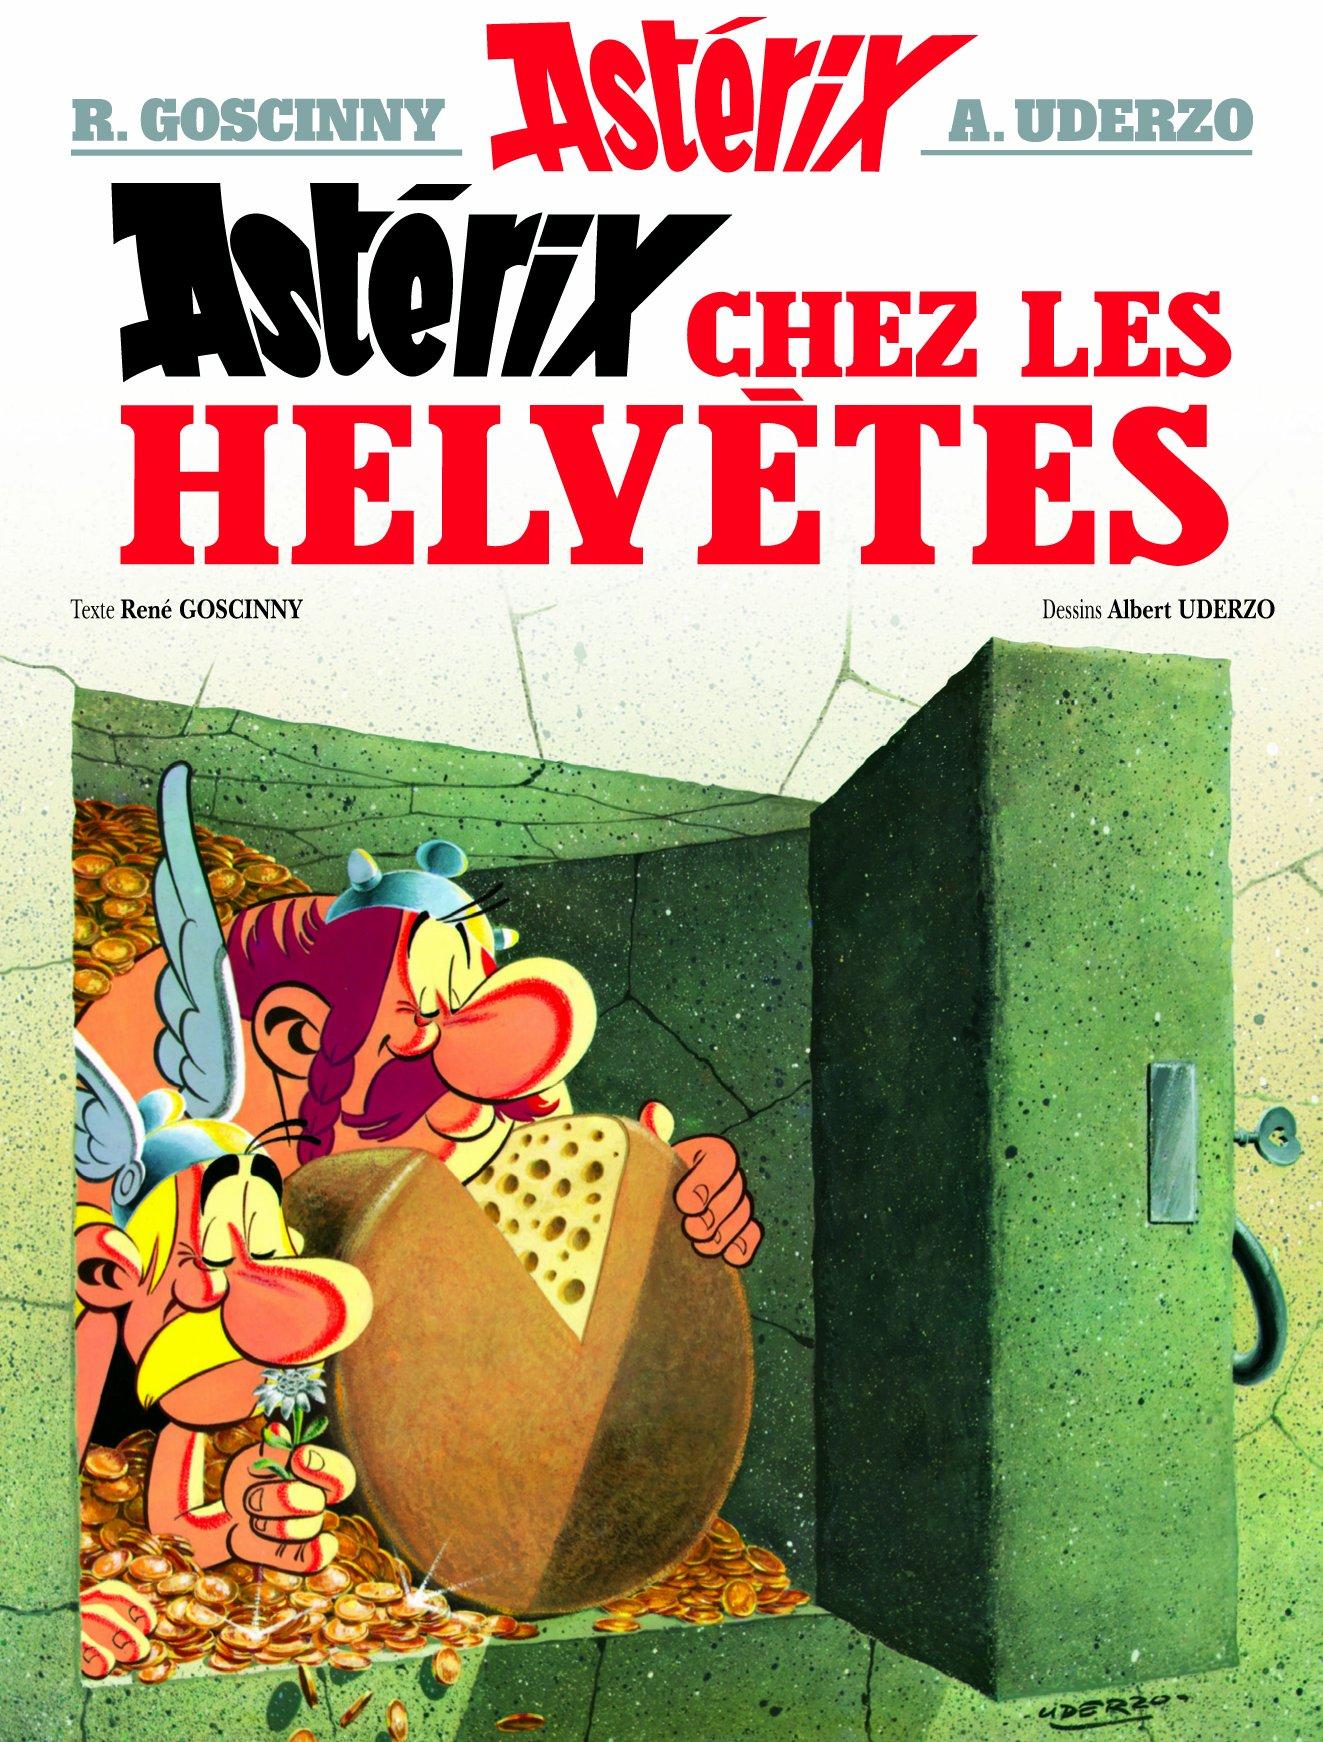 Asterix Chez Les Helvetes Goscinny Et Uderzo Le Tourne